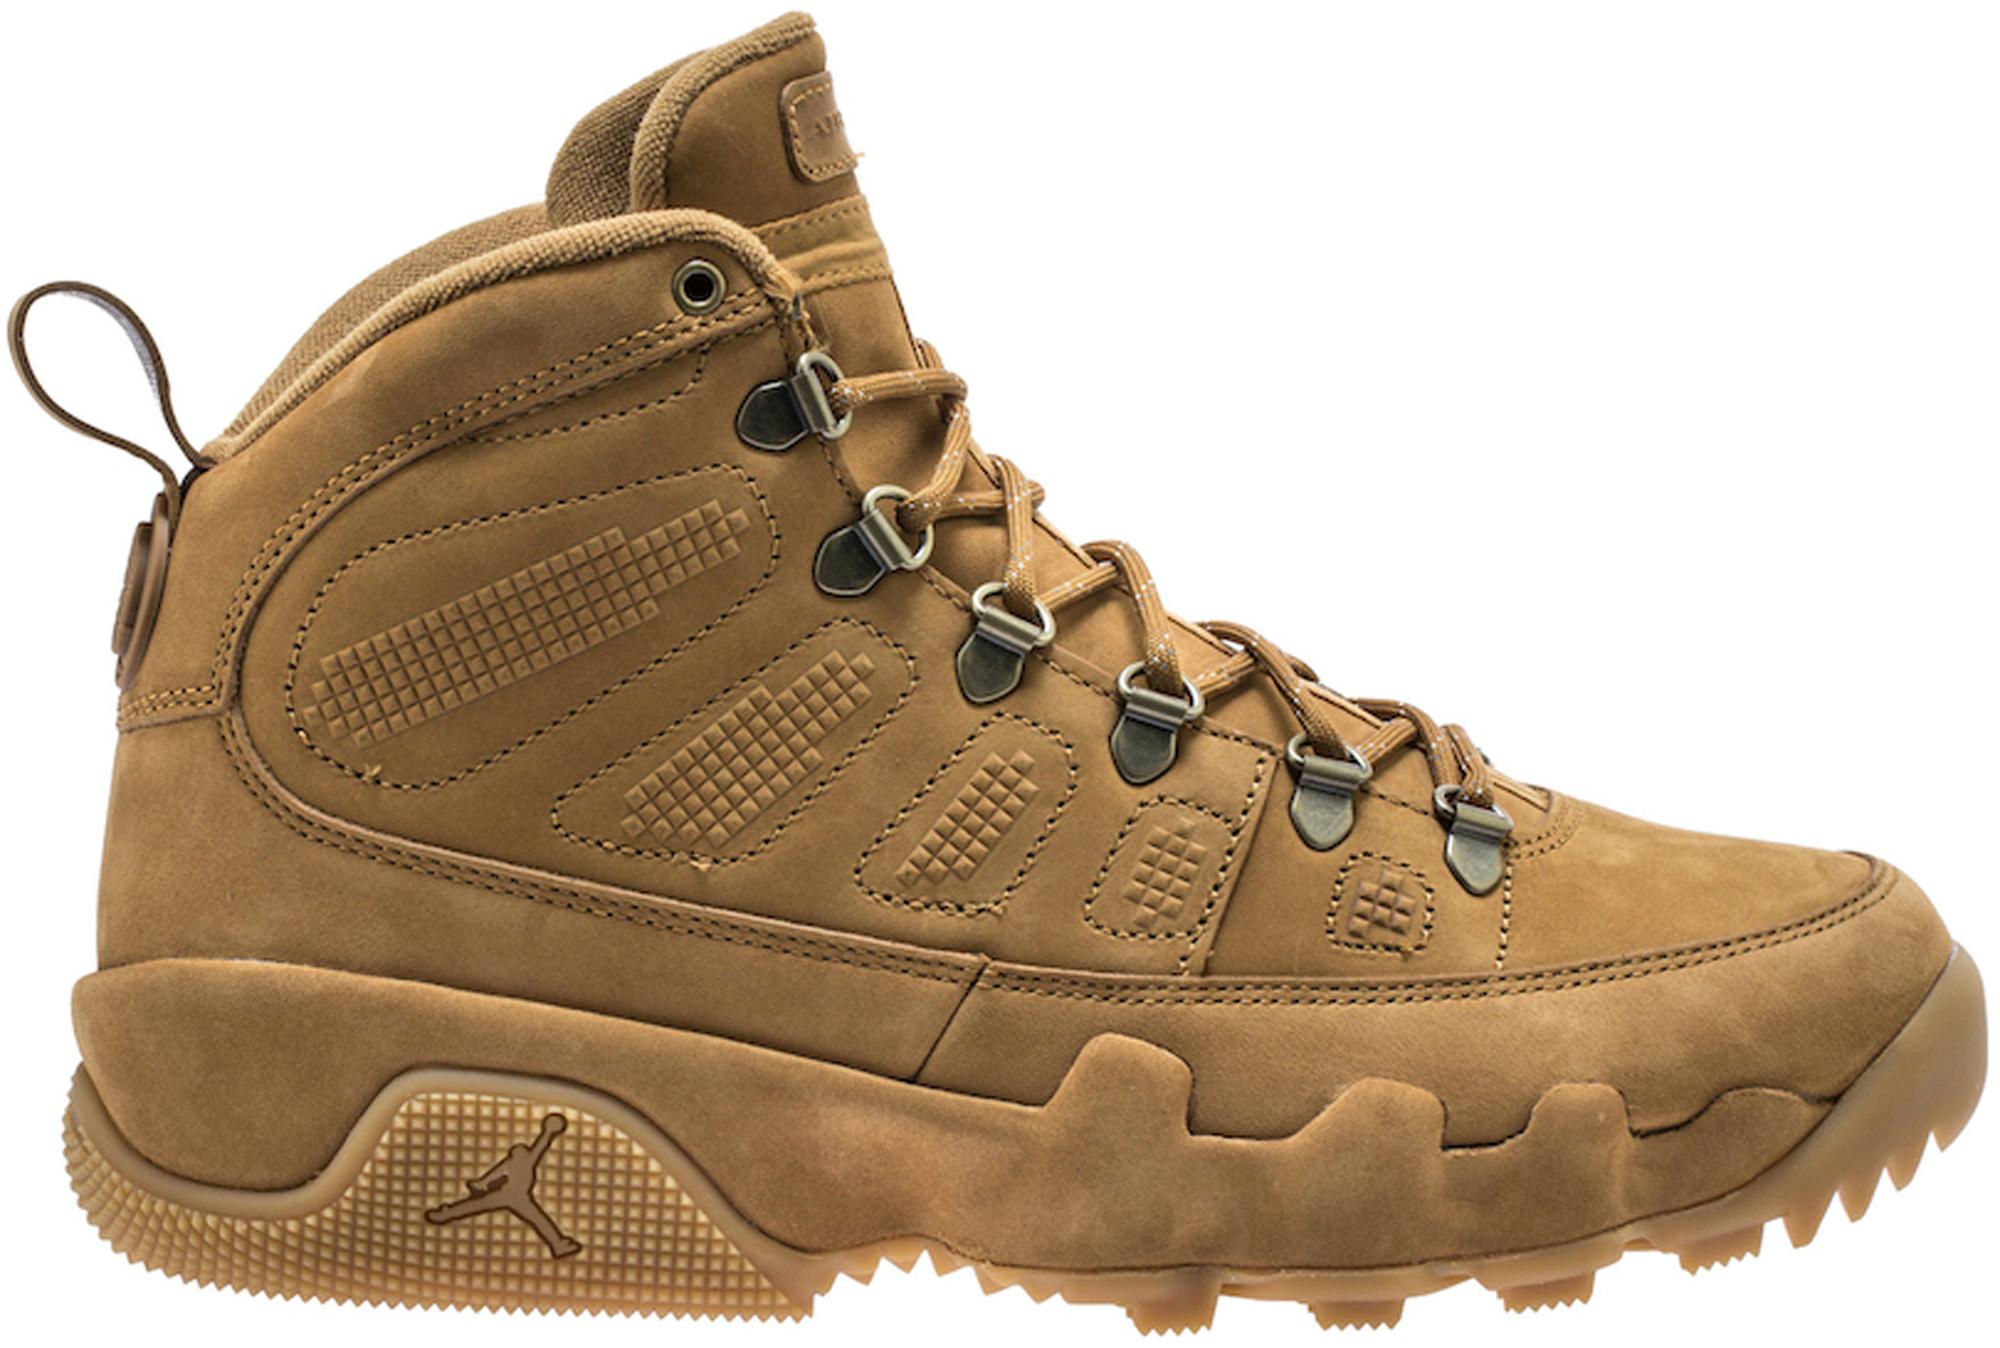 Jordan 9 Retro Boot Wheat